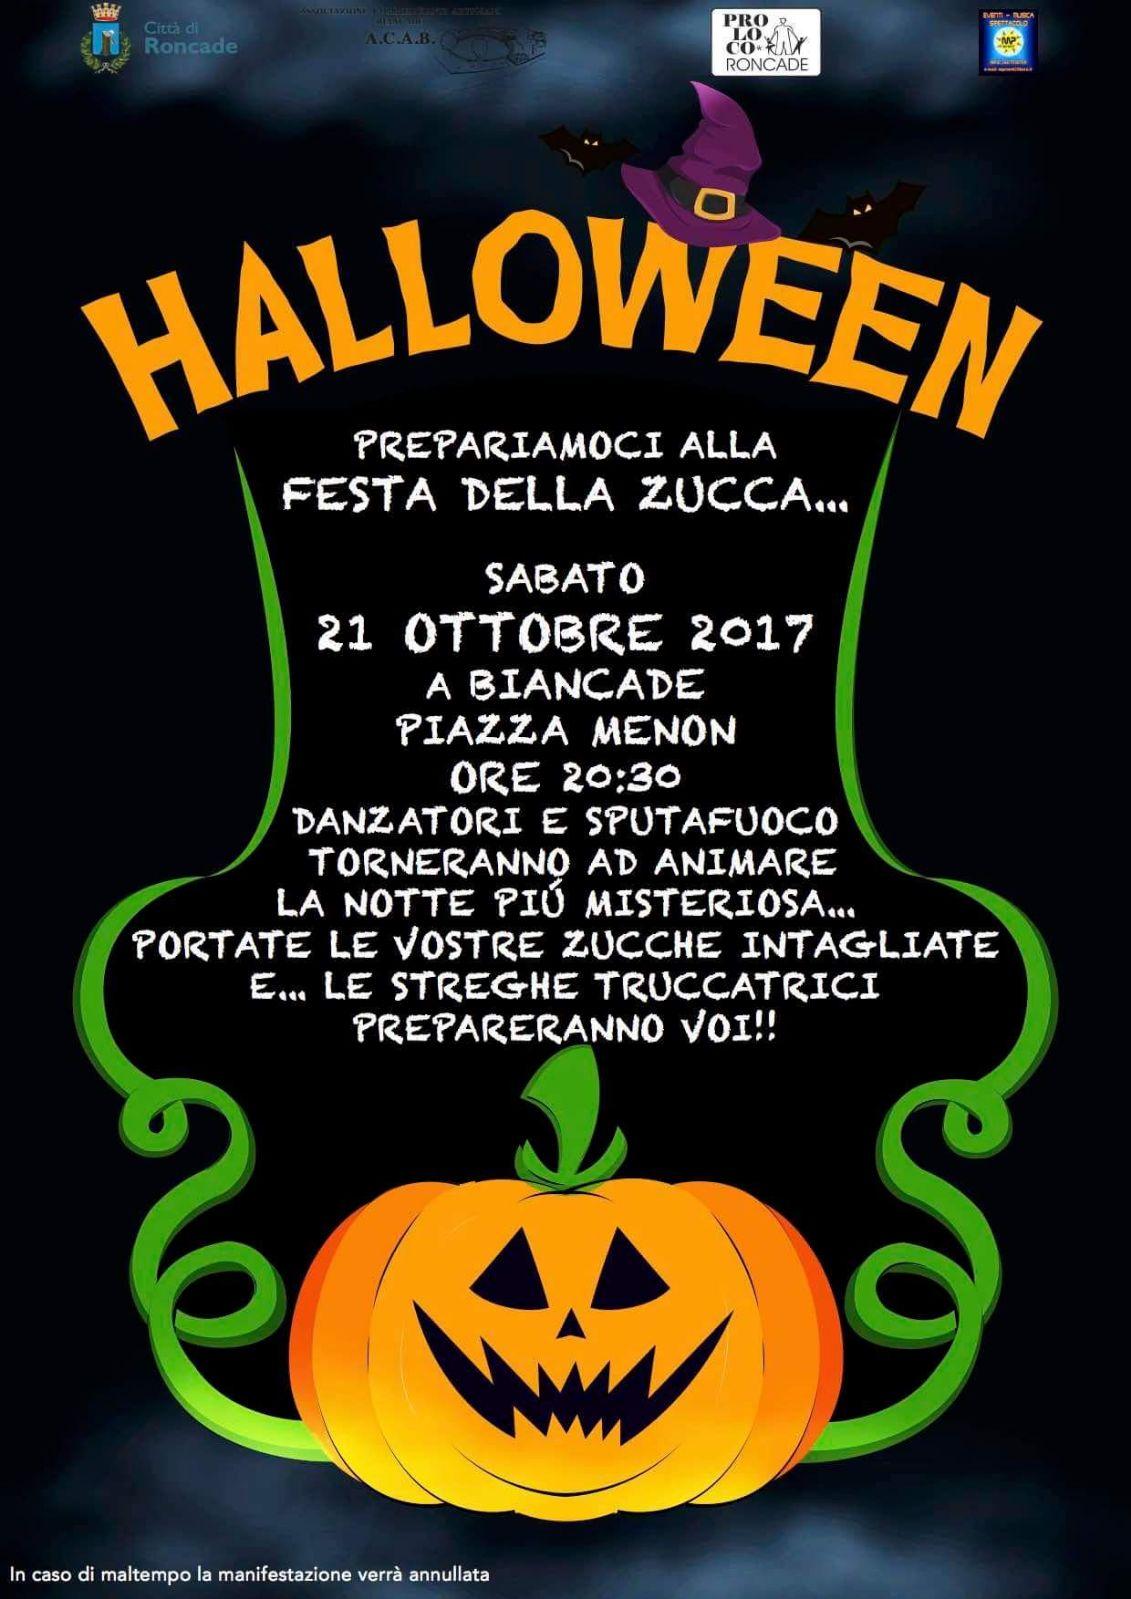 Foto Di Halloween.Festa Di Halloween Citta Di Roncade